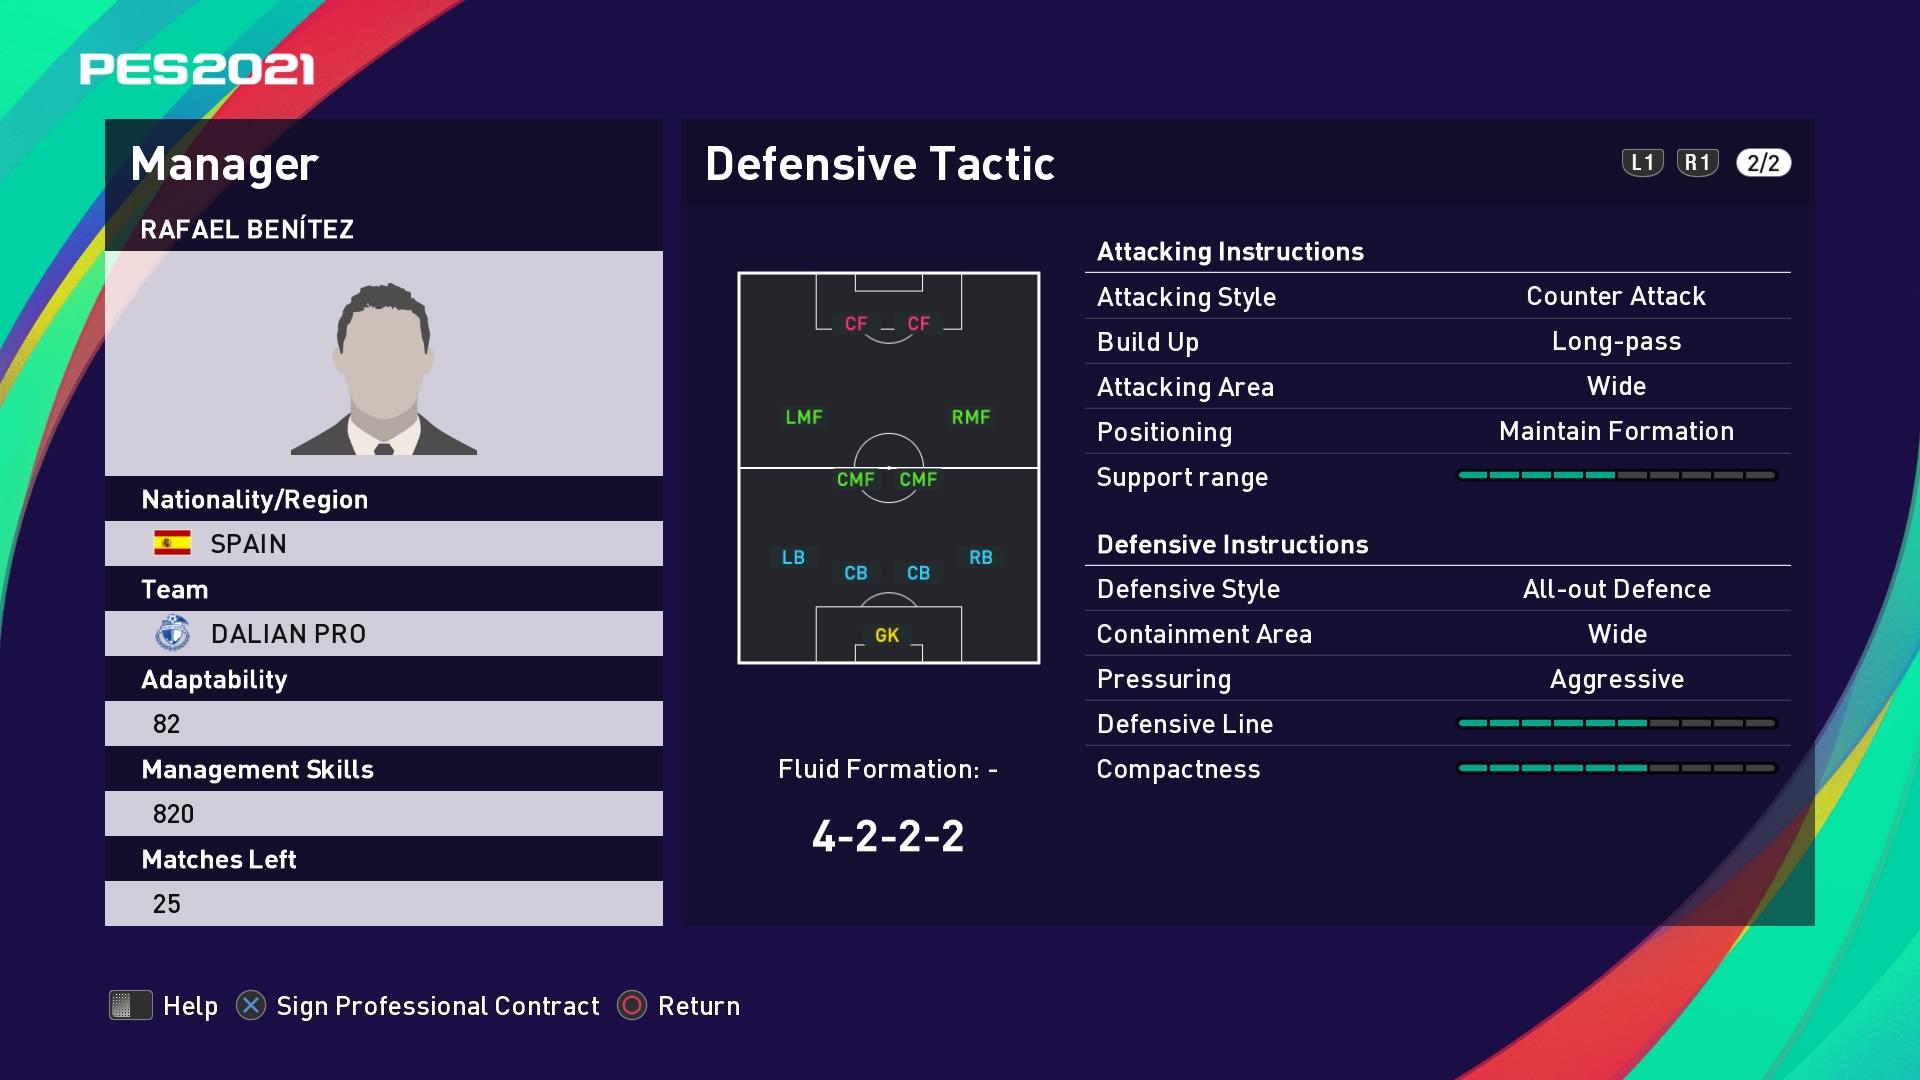 Rafael Benítez Defensive Tactic in PES 2021 myClub